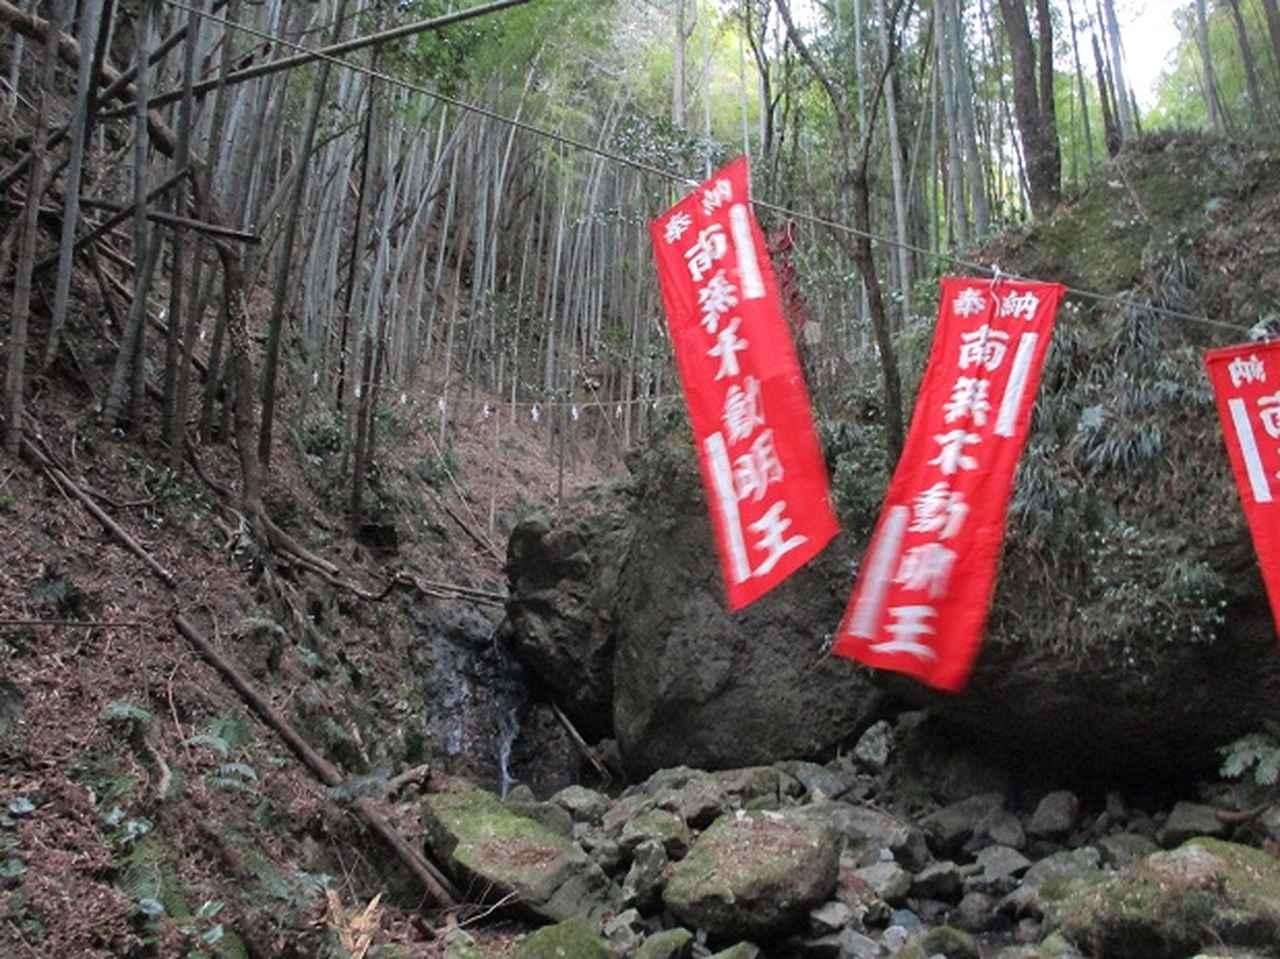 画像2: 【山旅会・登山ガイドこだわりツアー】岡田ガイドからの便り・石谷山(びく石)ツアーの下見にいってまいりました